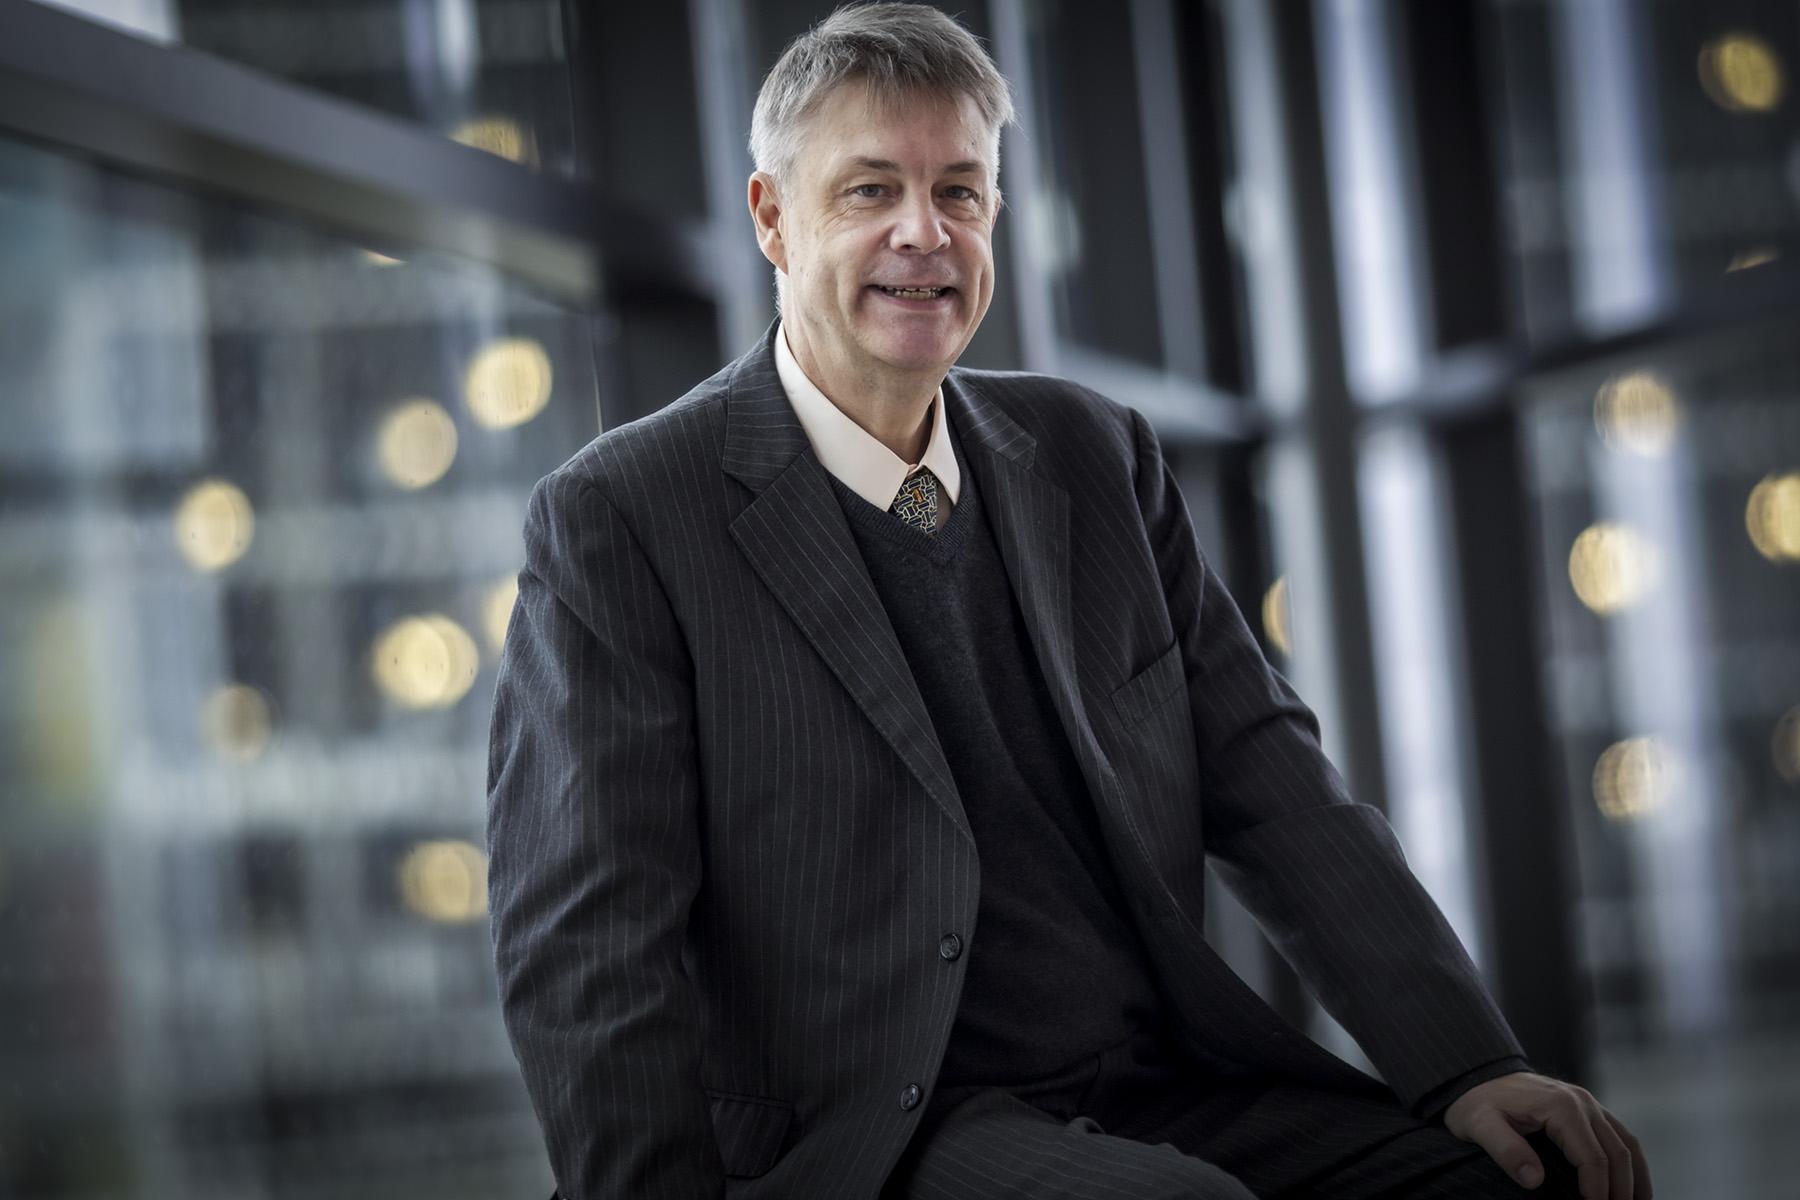 Dr. Olivier Urbain